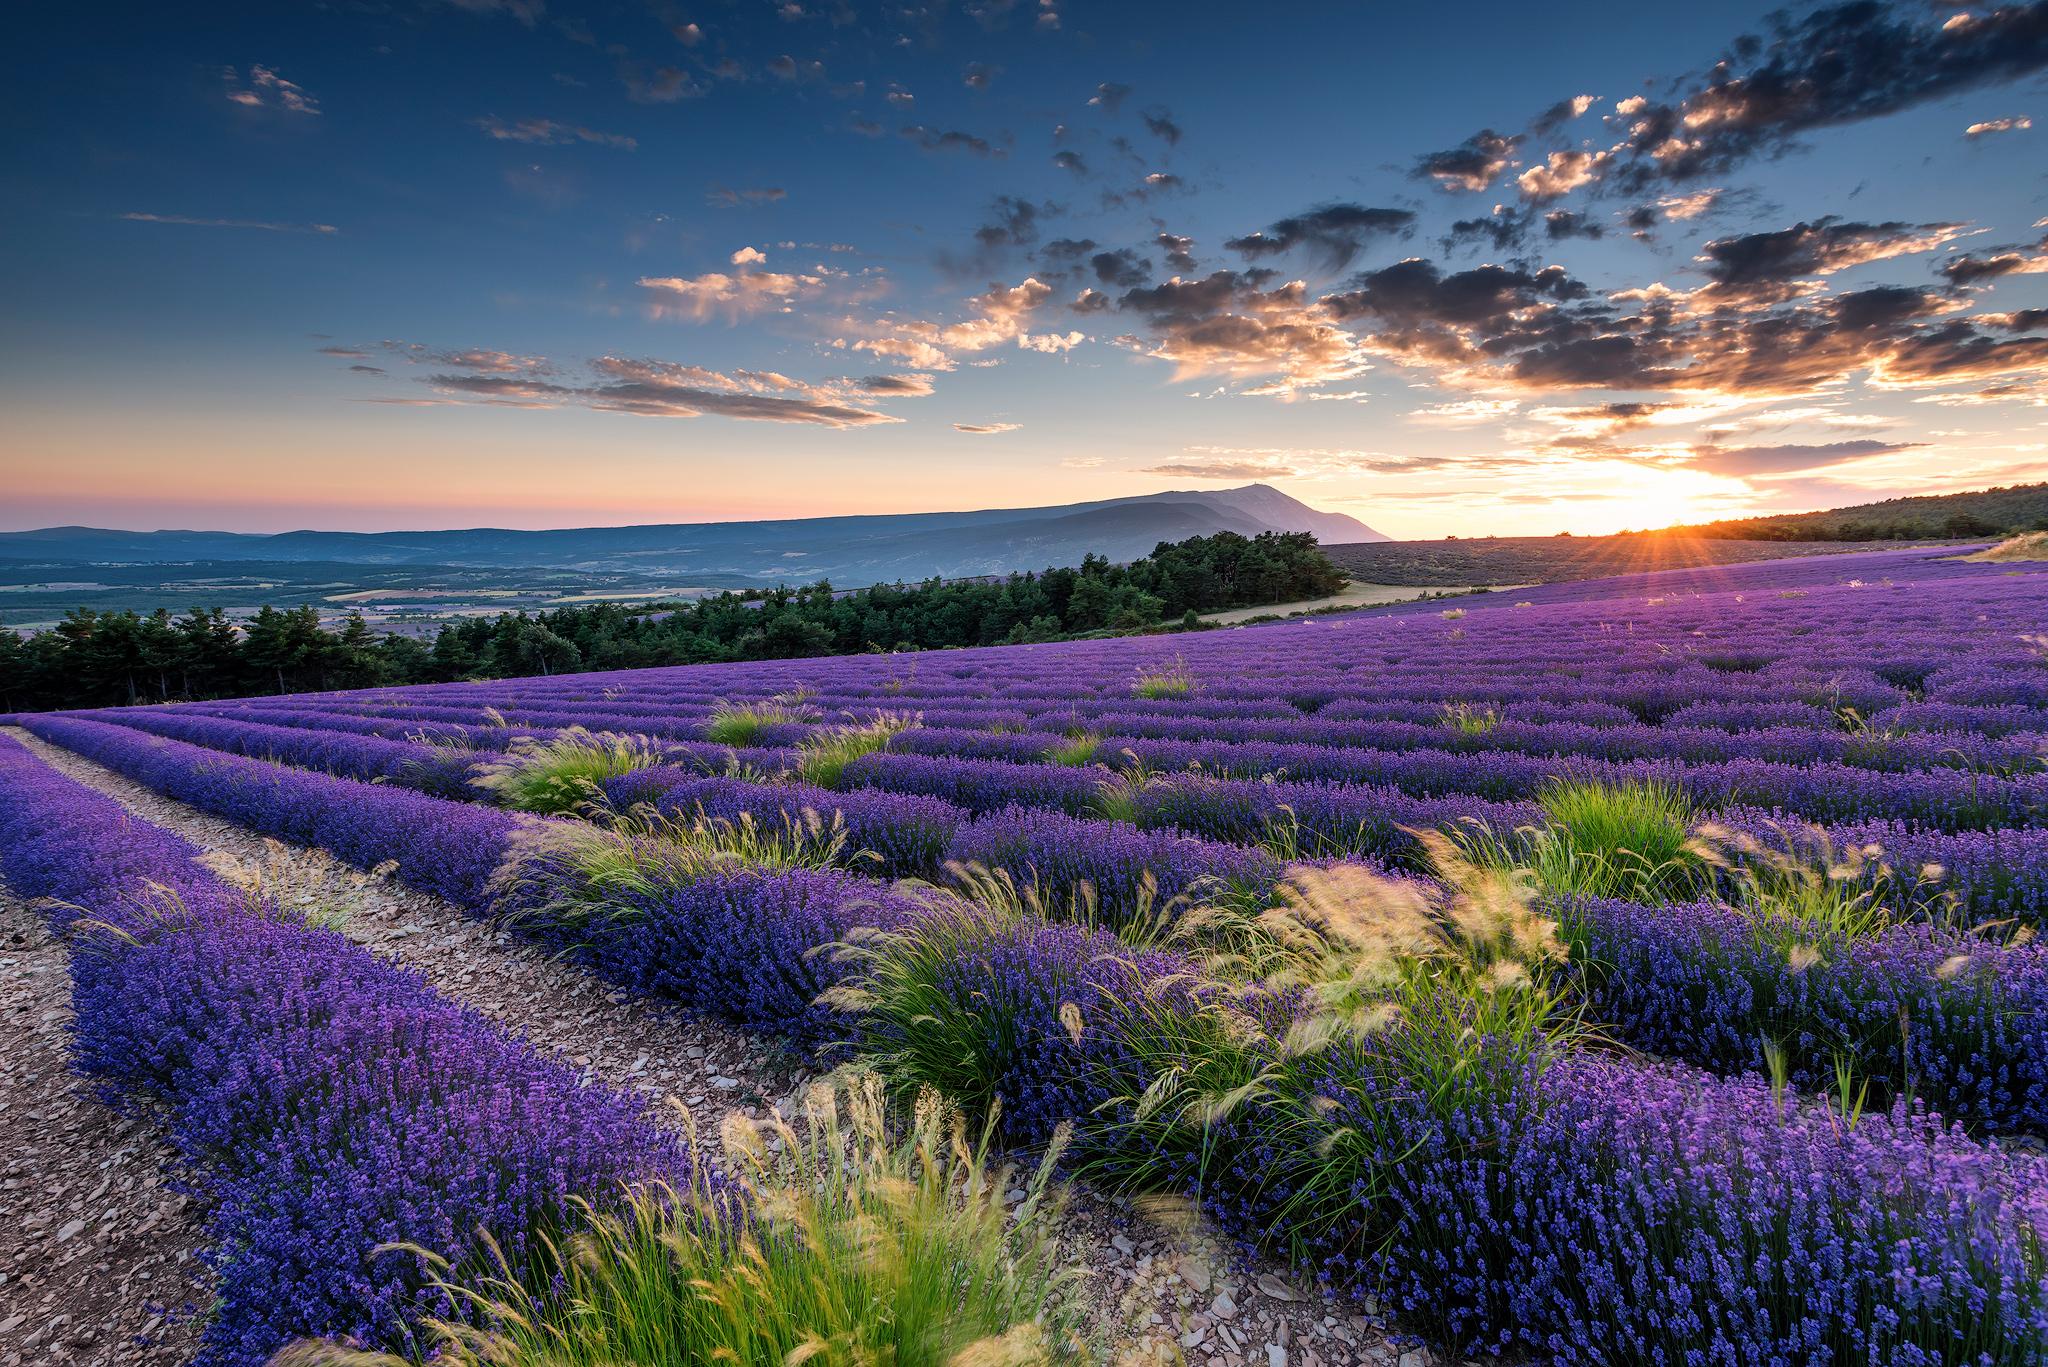 Lavender and Mont Ventoux, France